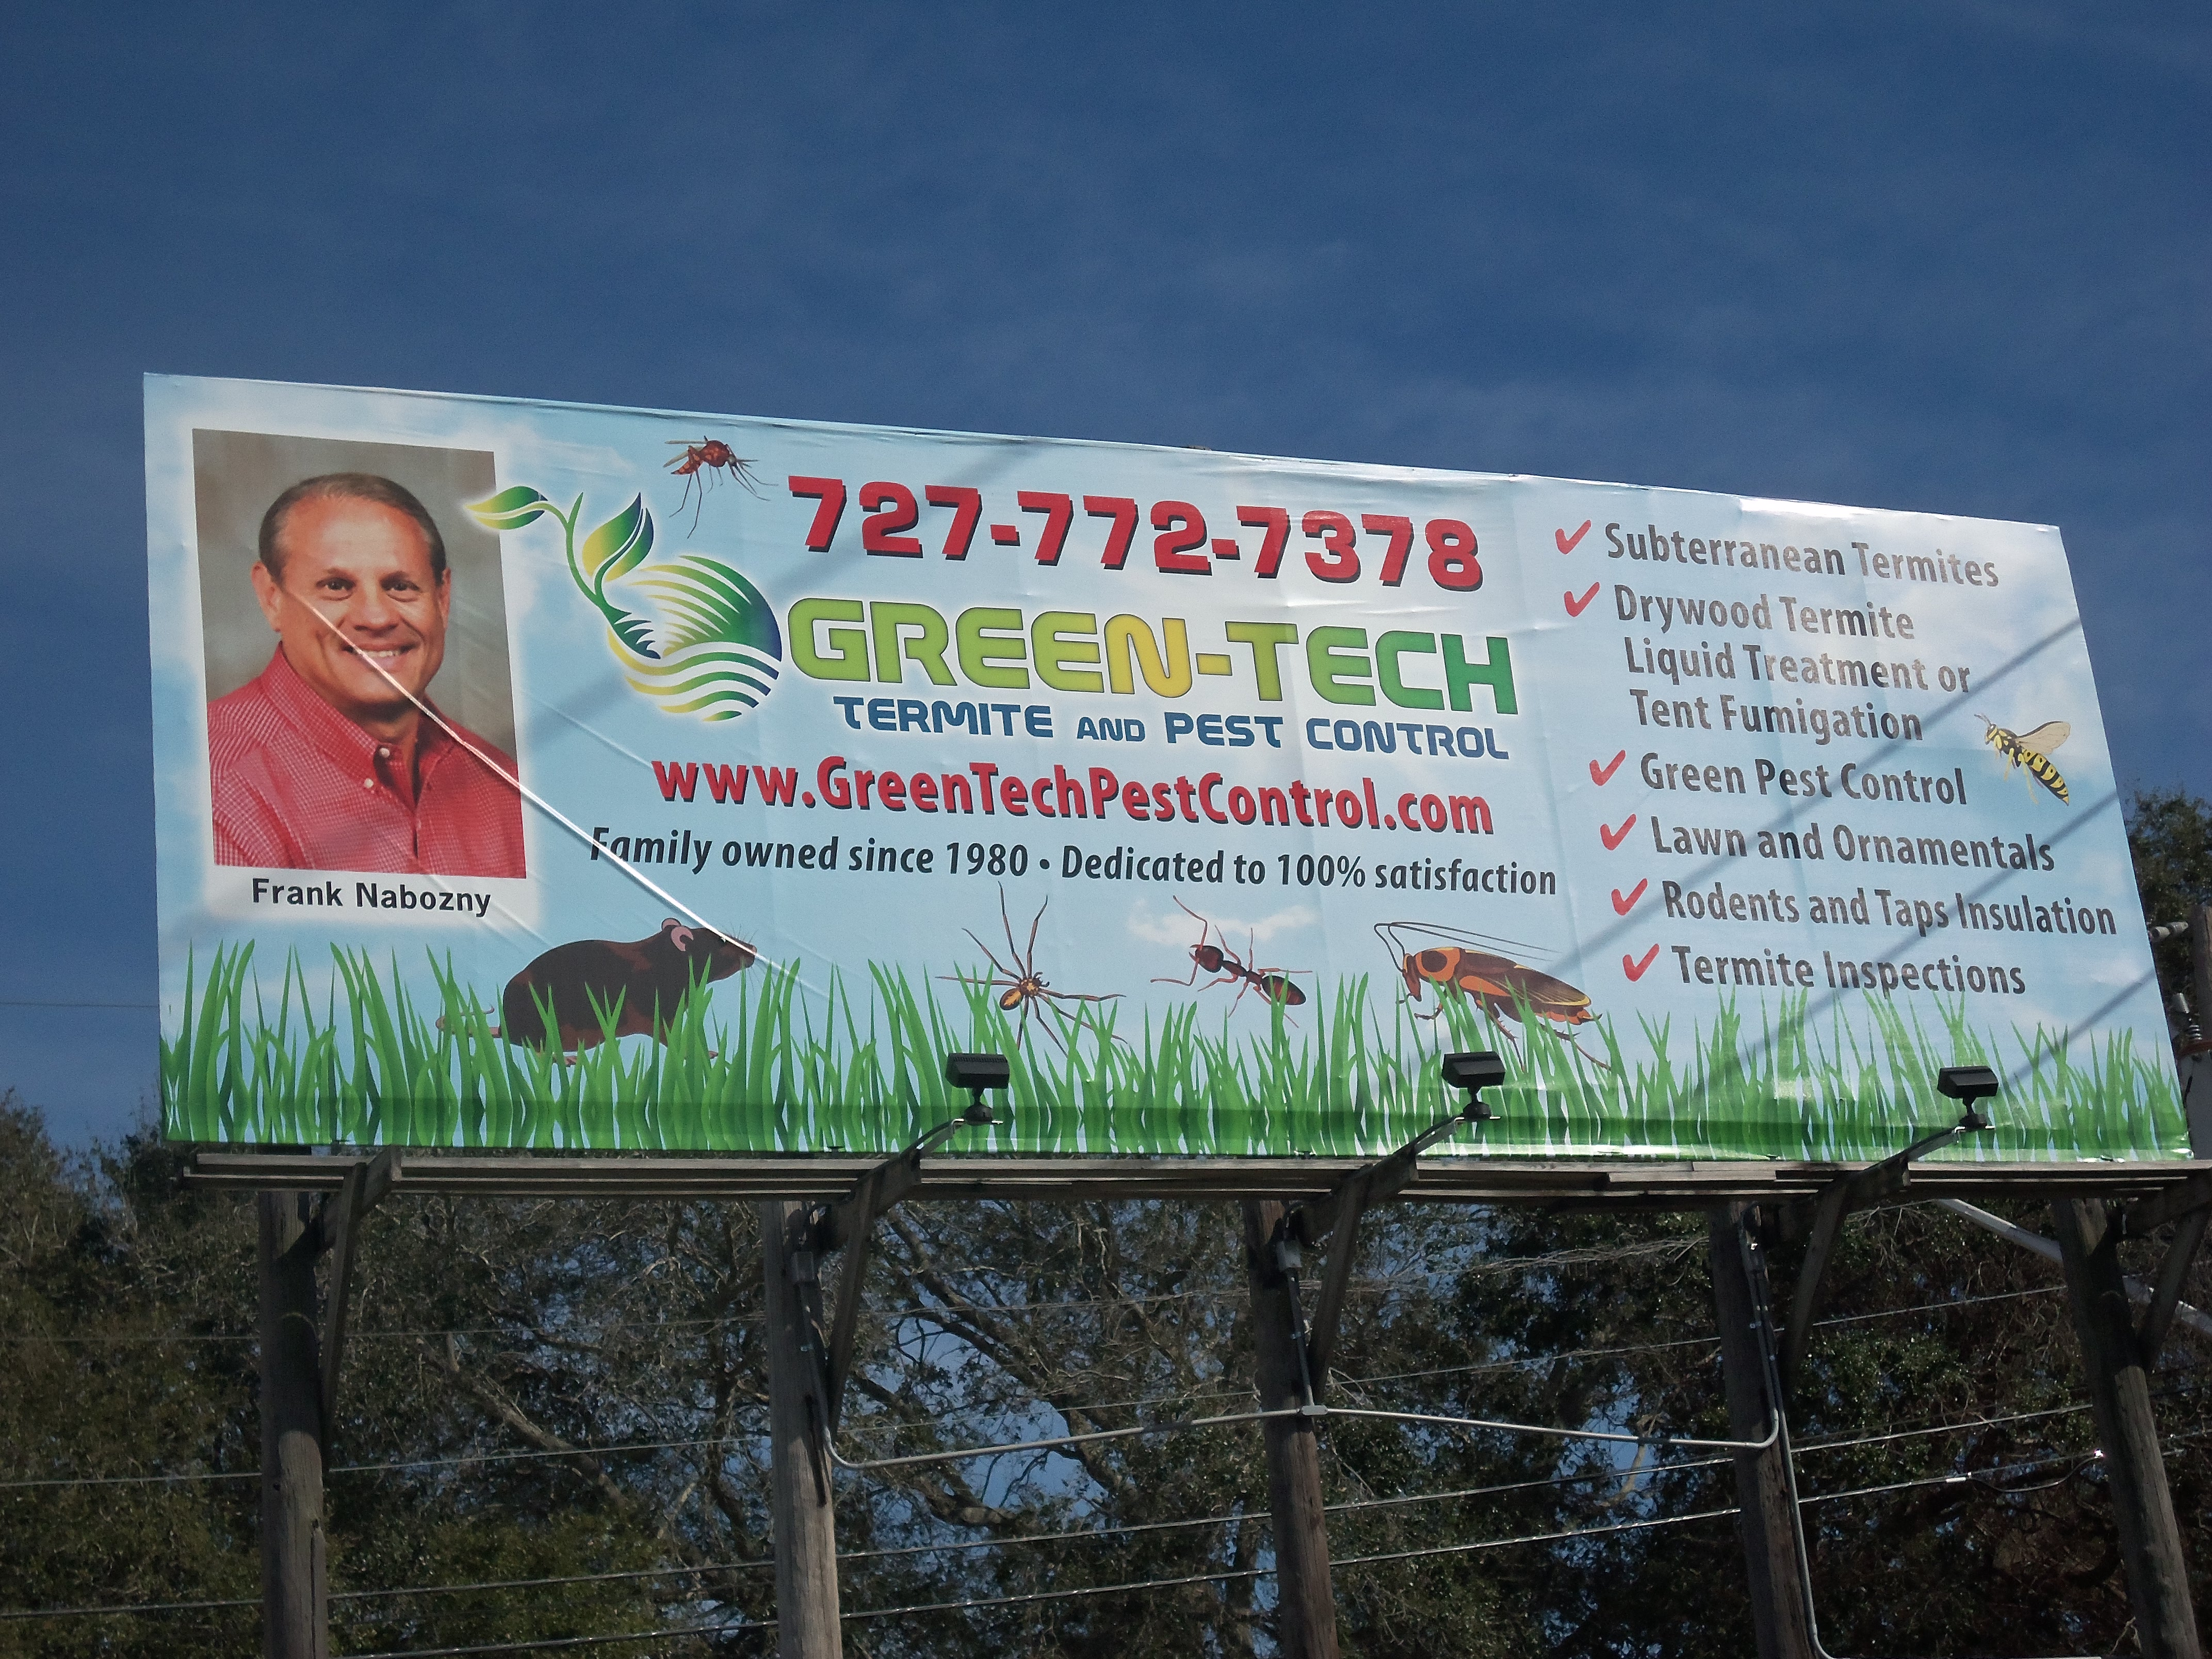 Bill Board Advertising